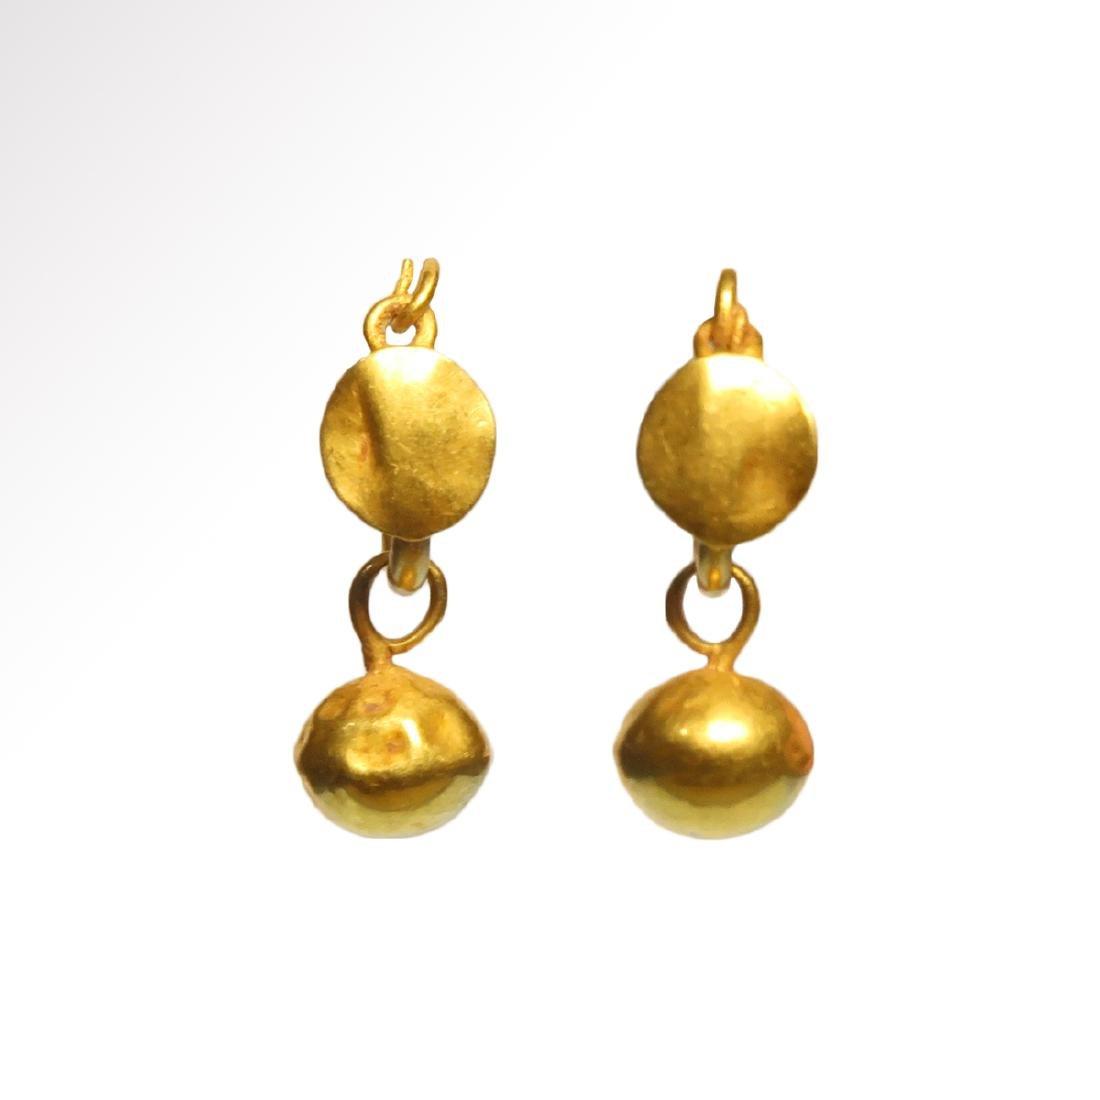 Roman Gold Hoop Earrings with Spherical Drops, c. 1st -